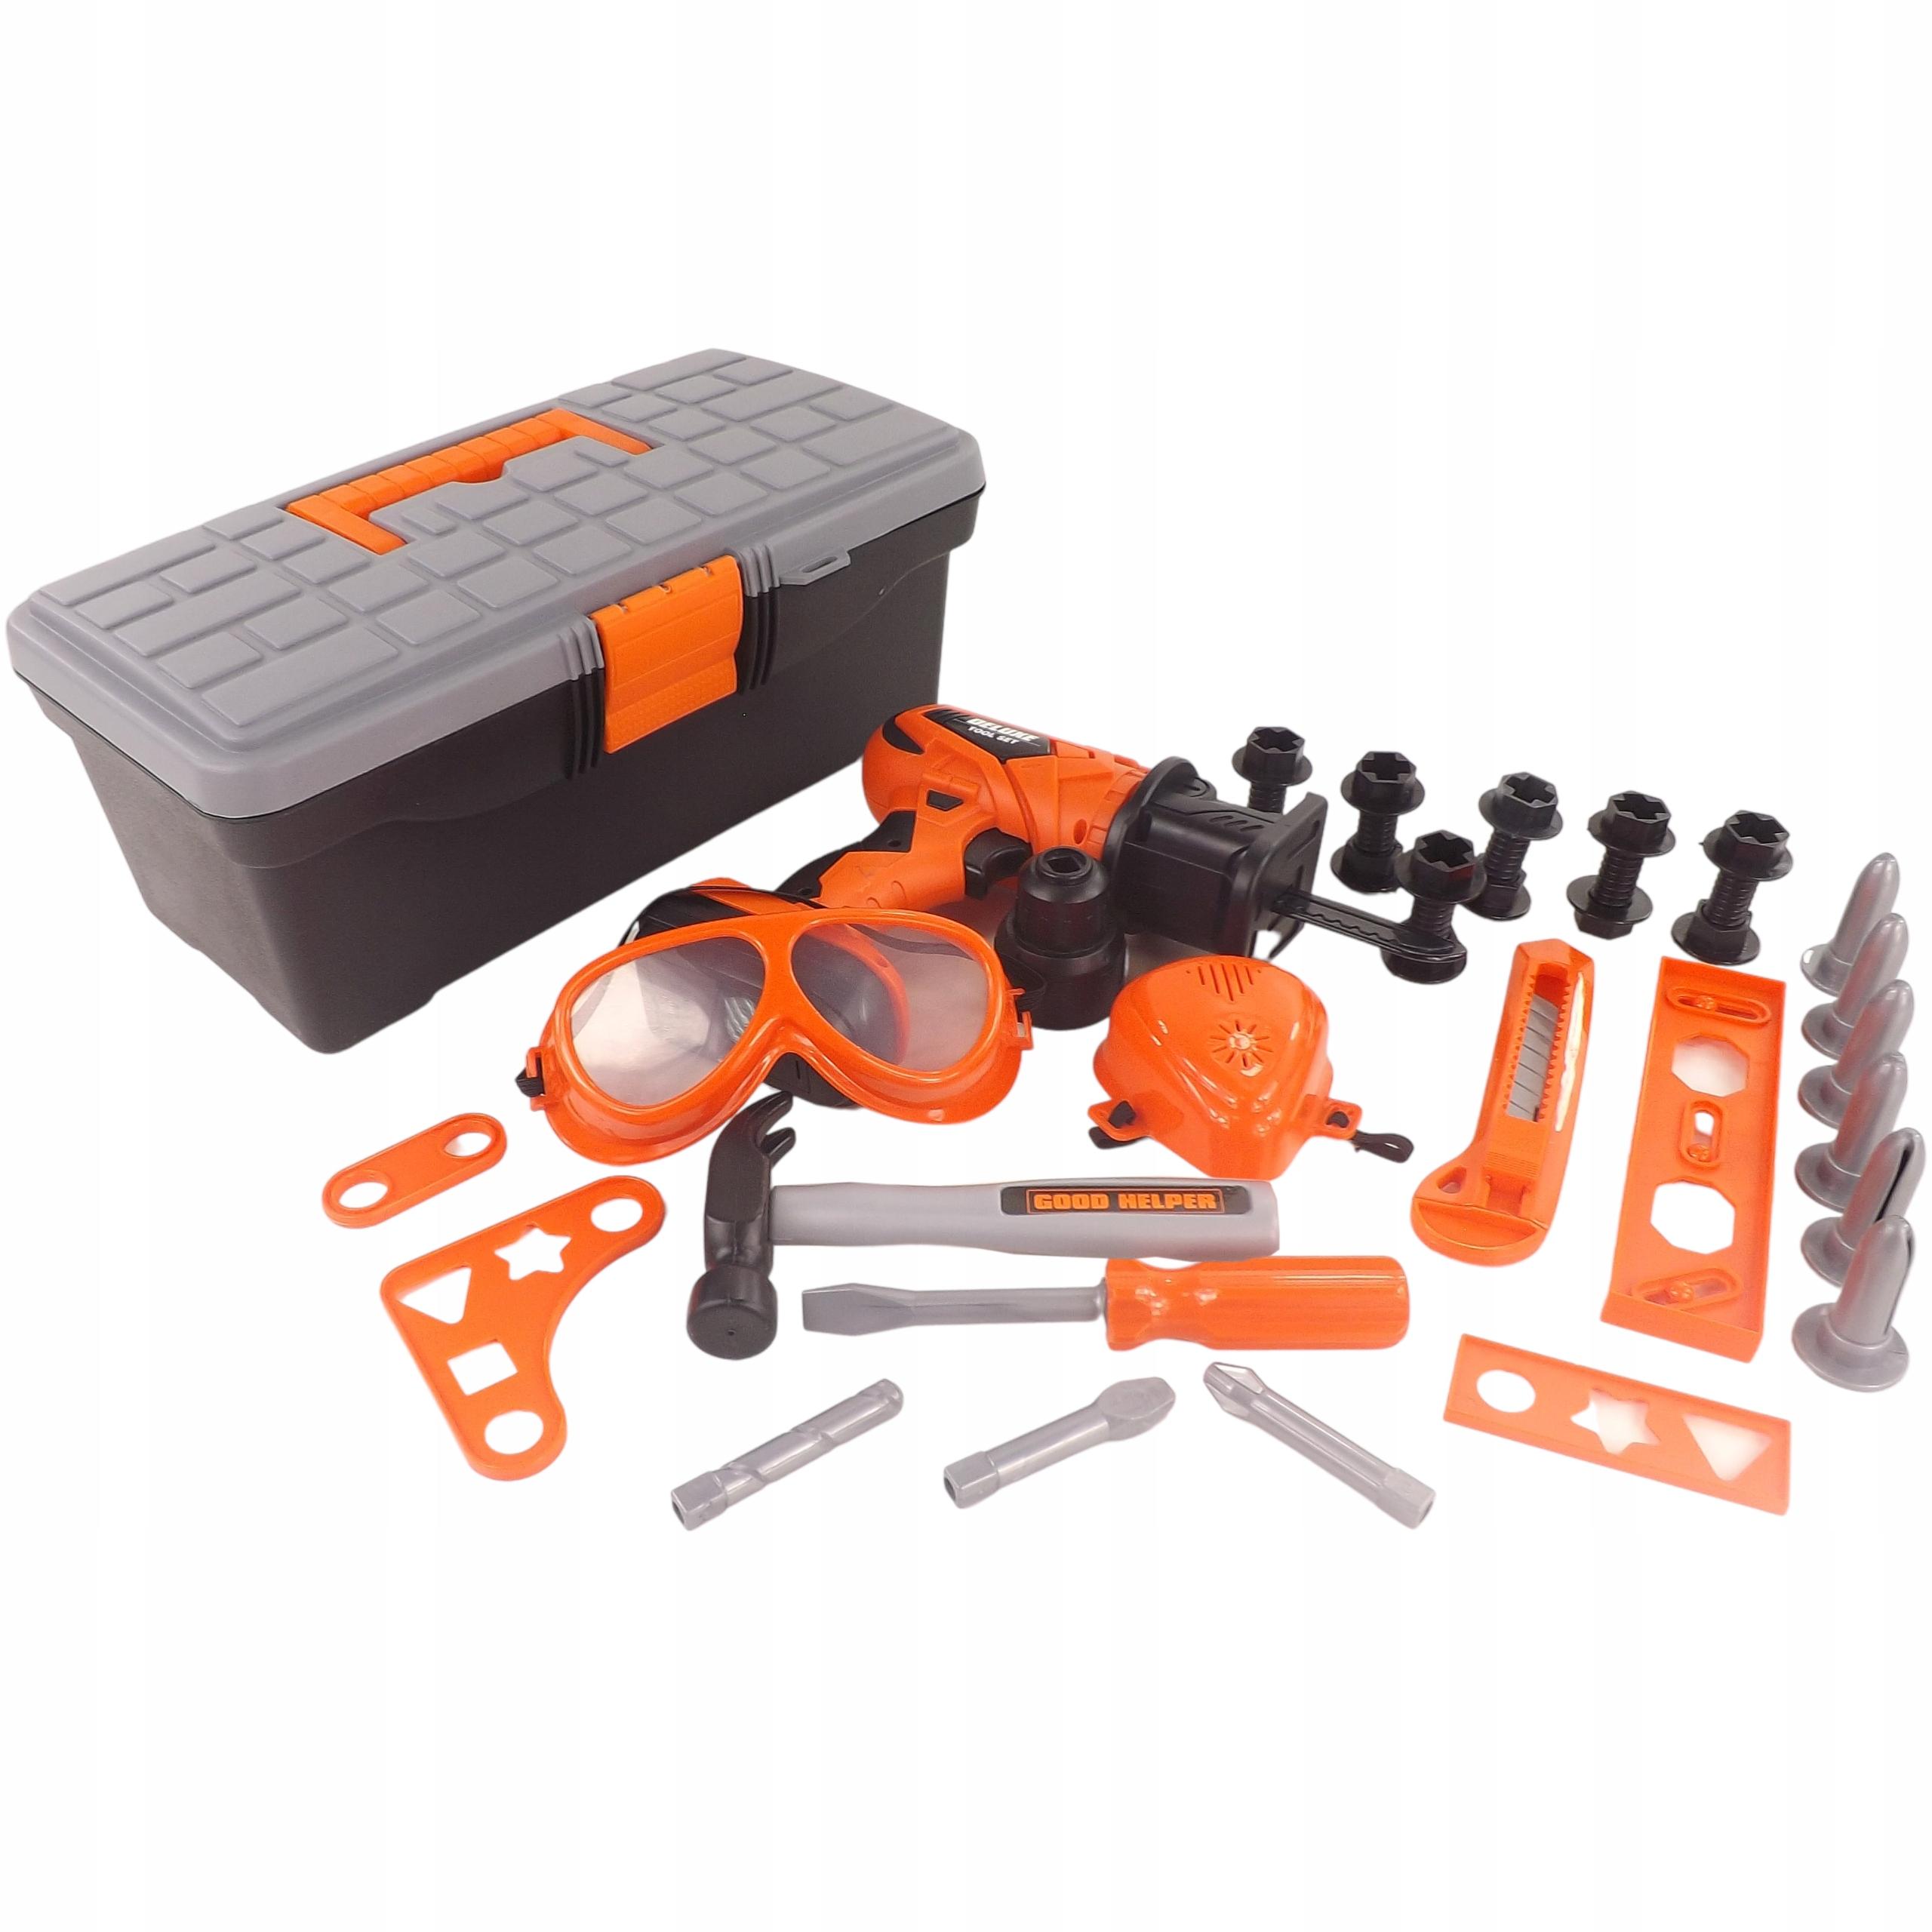 Zestaw Skrzynka Narzędzia Warsztat wiertarka 32335 Kod producenta HB3233-5